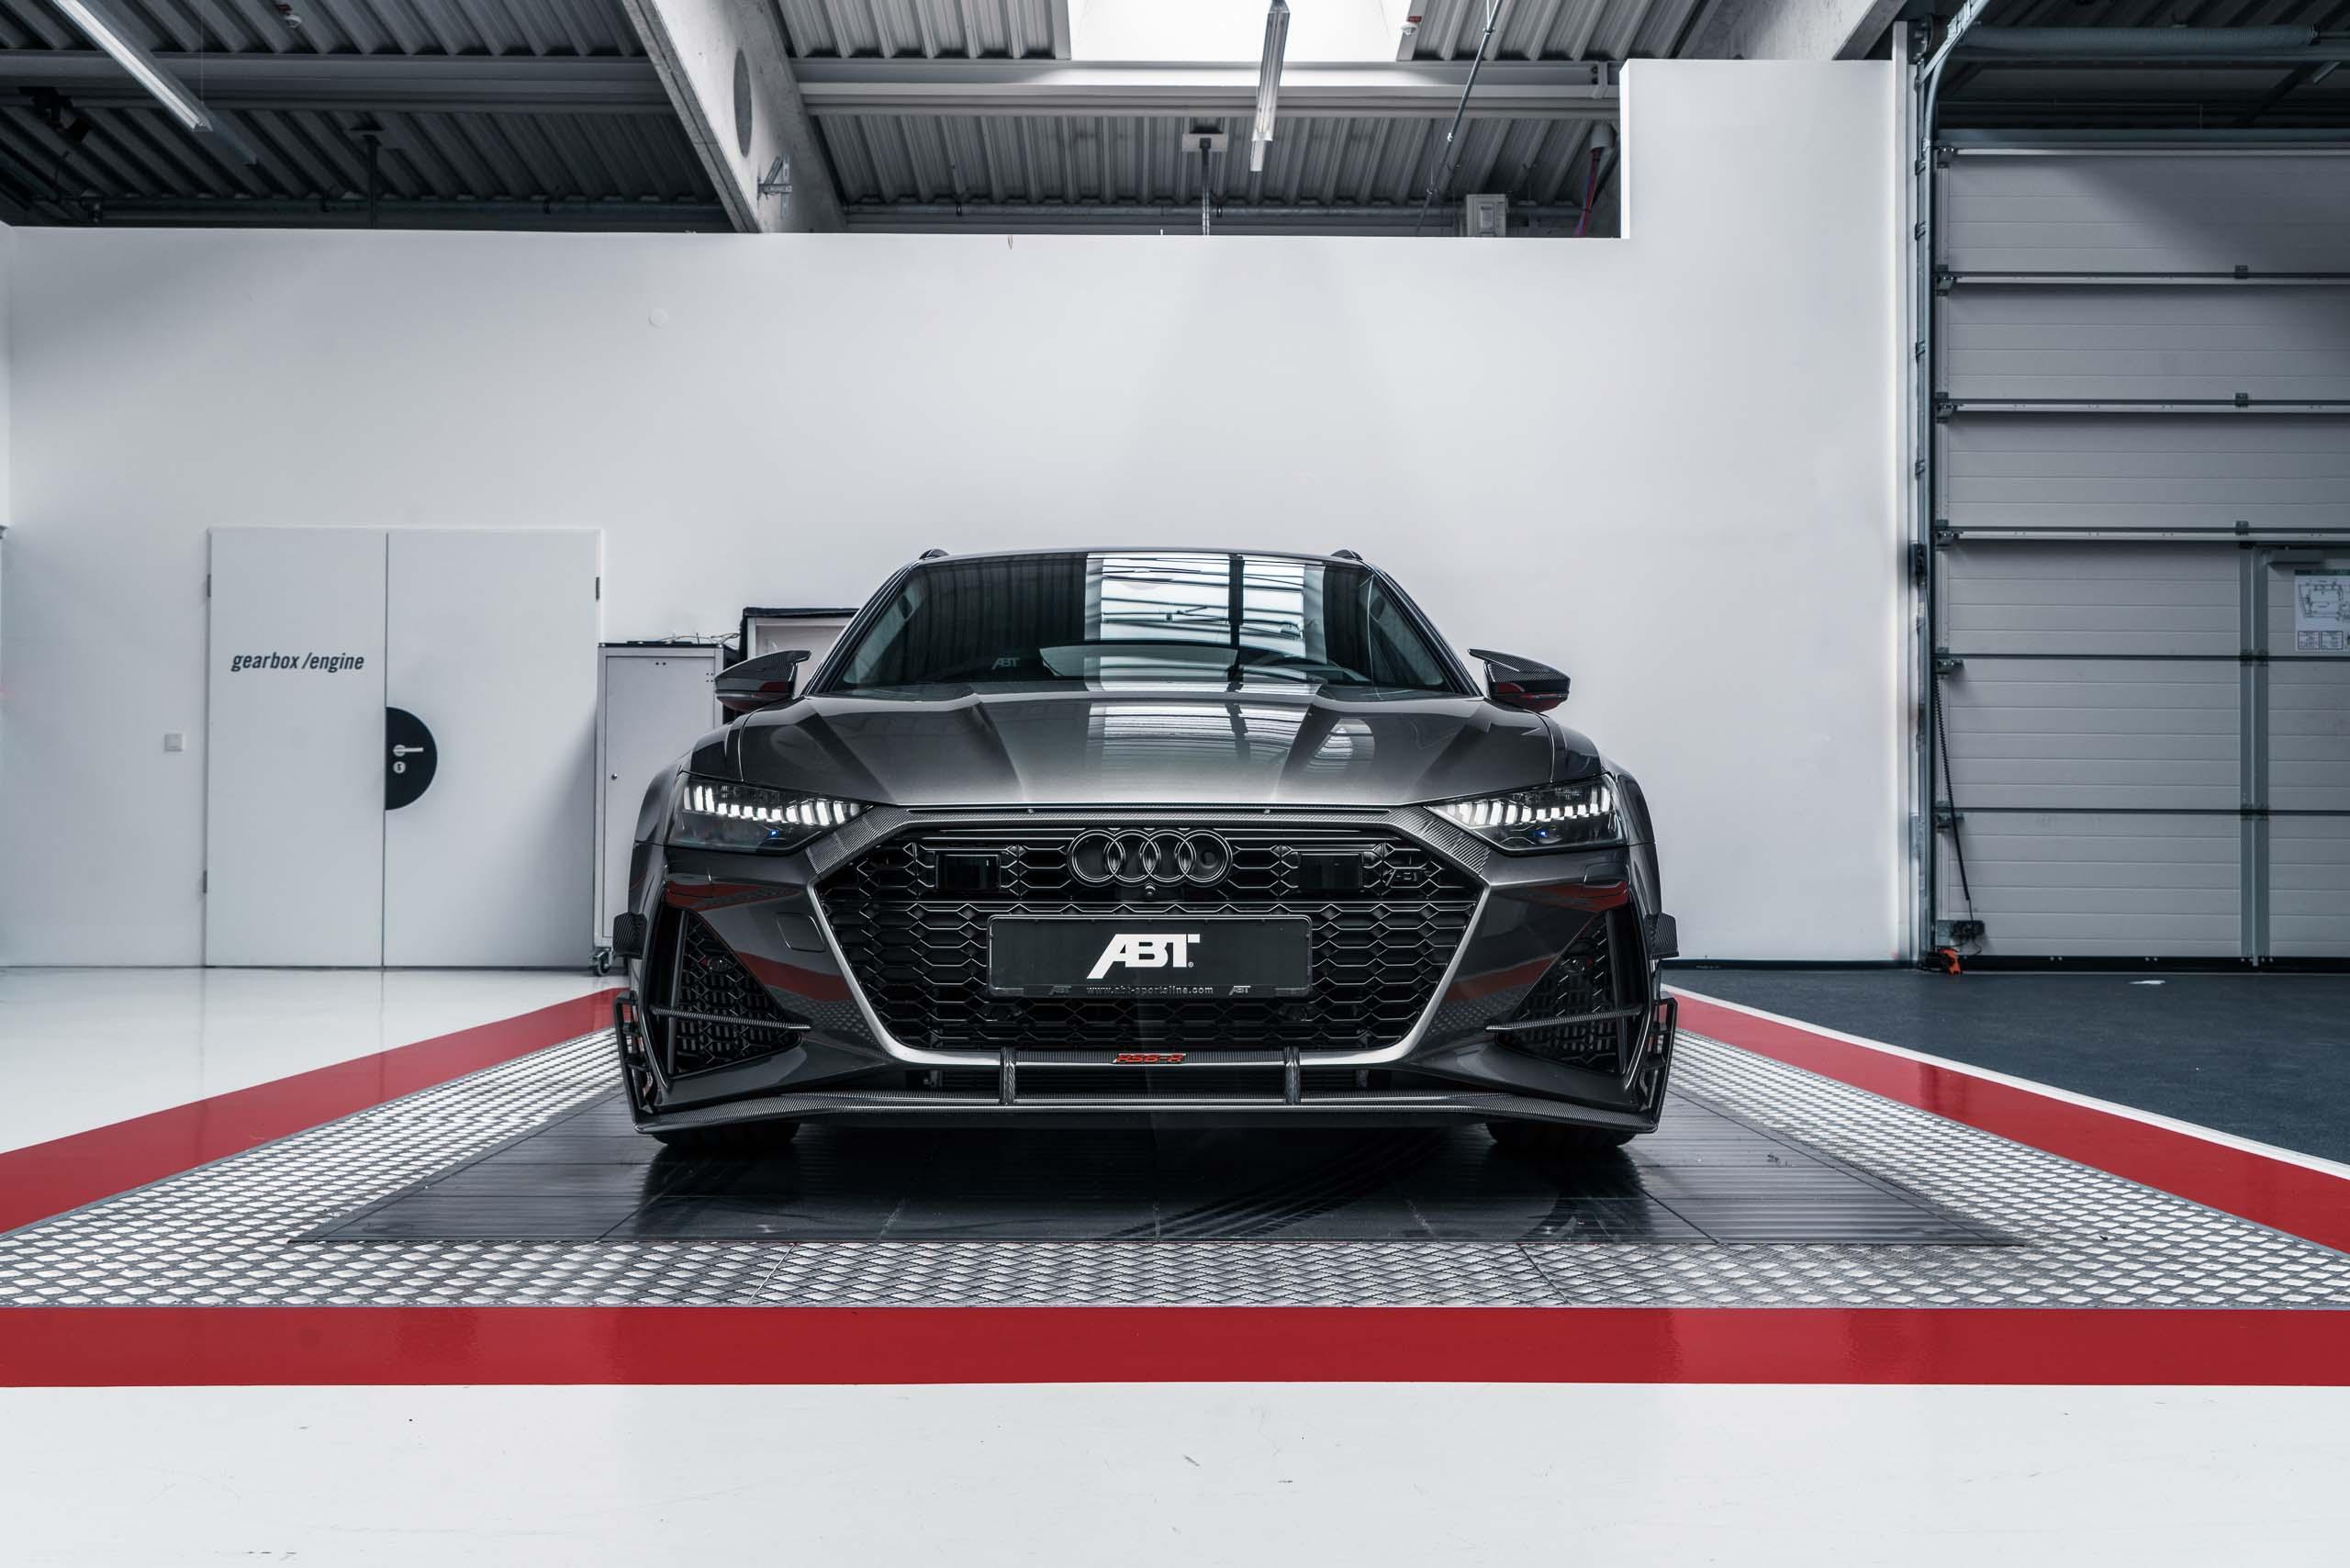 2020 ABT RS6-R | Fanaticar Magazin